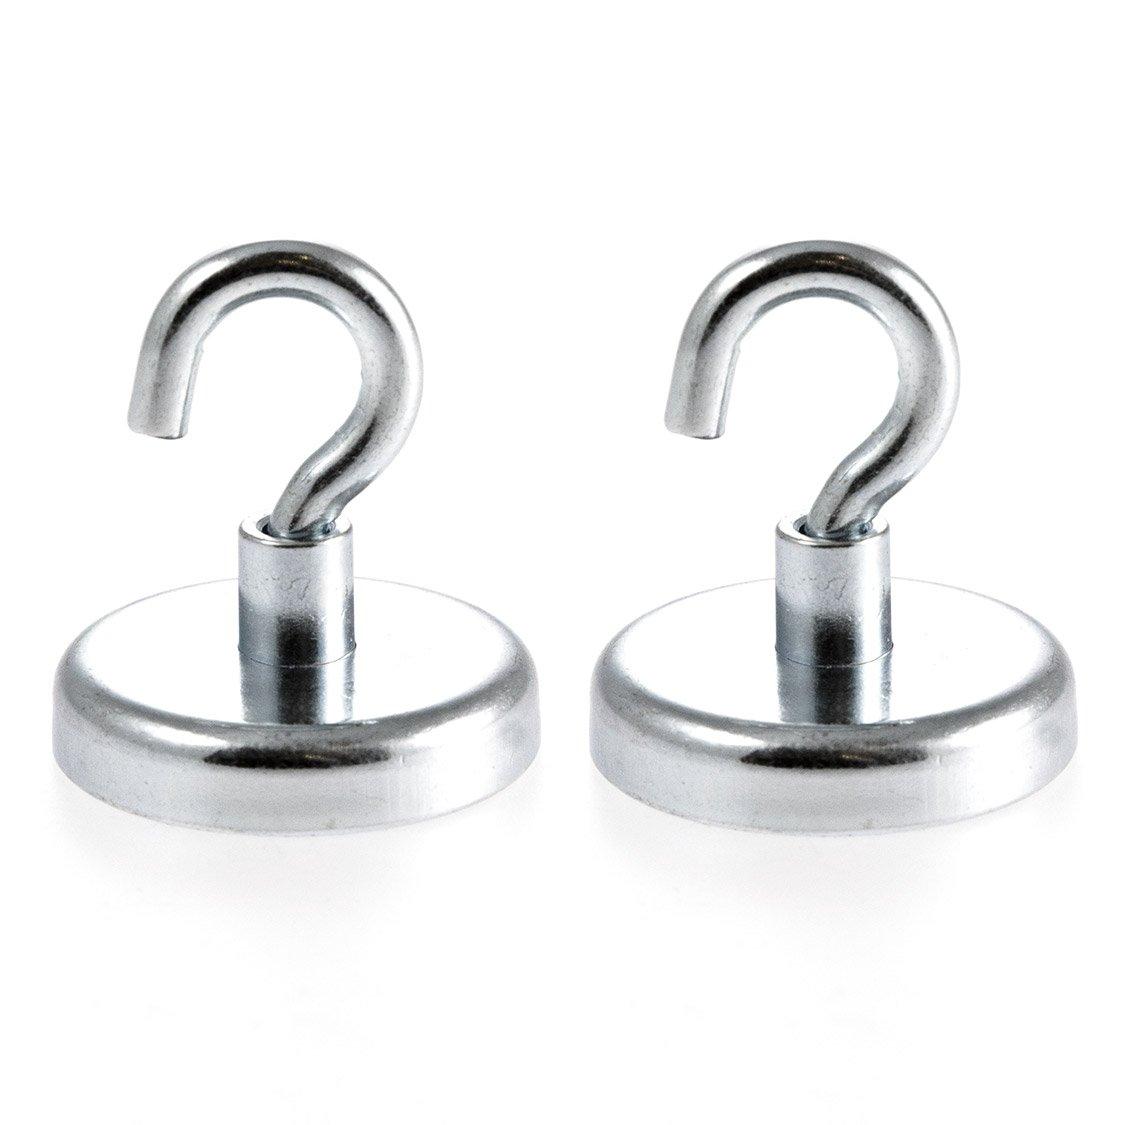 Magnetastico® | 2 piezas ganchos magnéticos de neodimio N35 32 mm Ø | Fuerza de